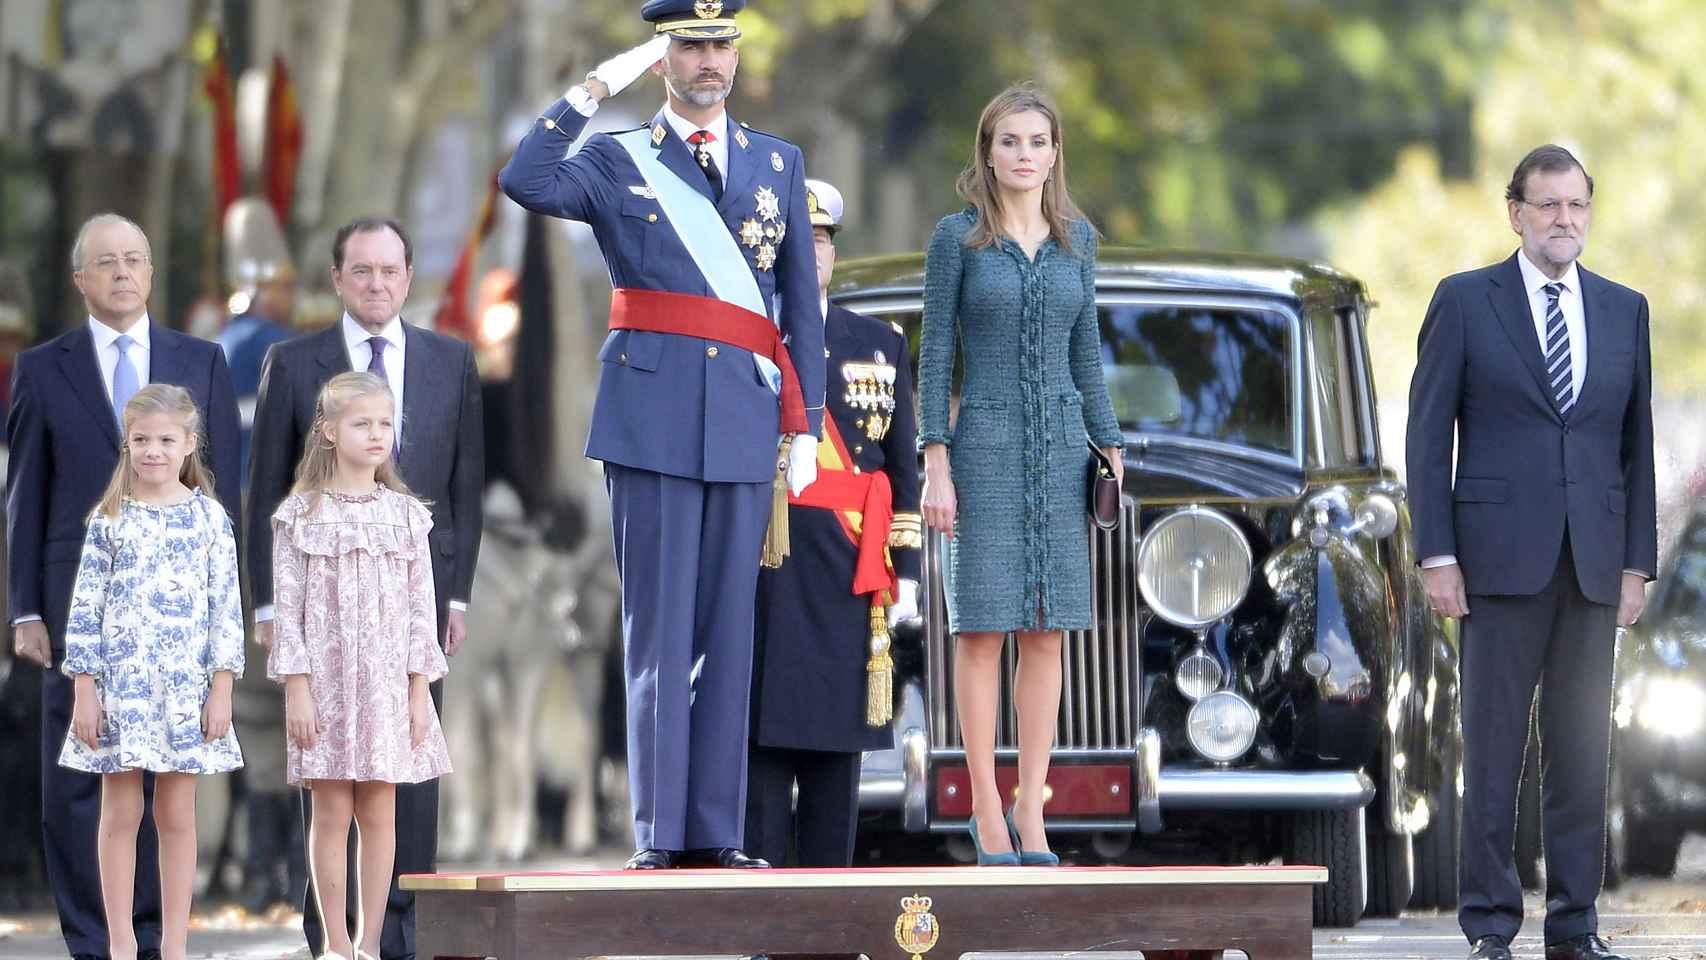 La Familia real en perfecta formación en el Día de la Hispanidad de 2014